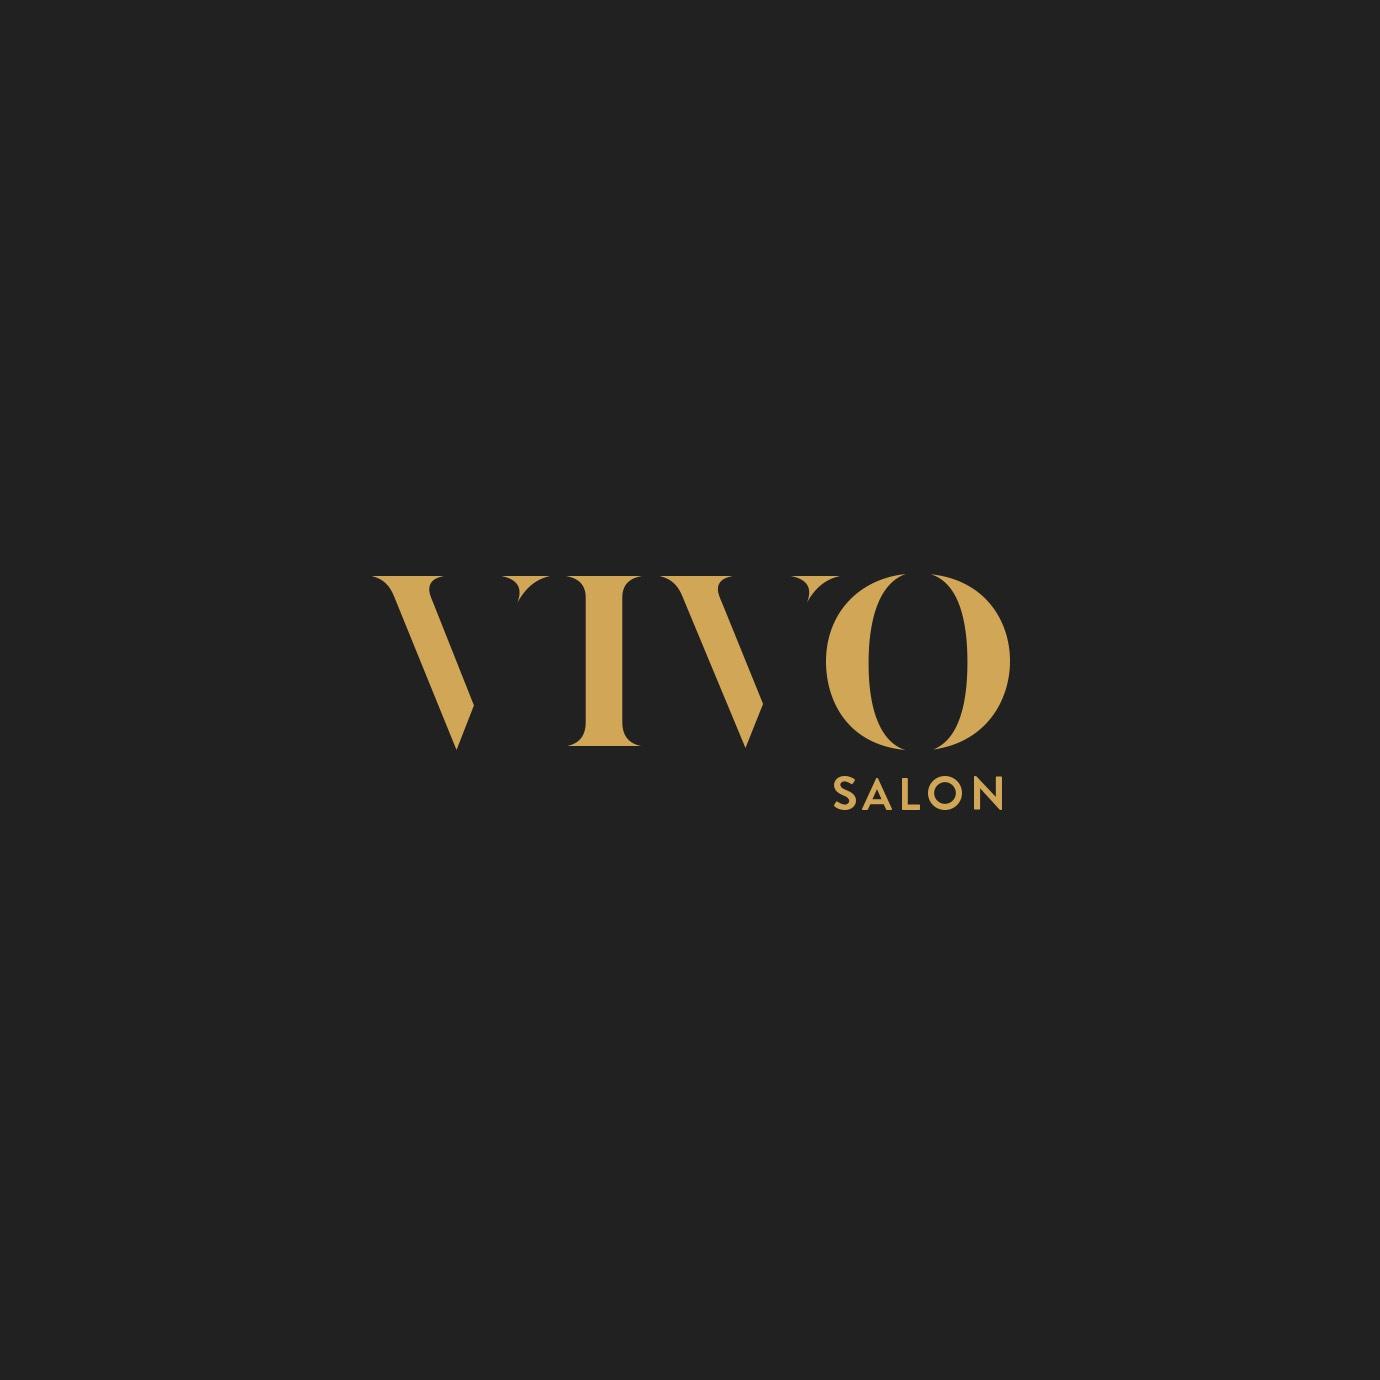 Vivo Salon